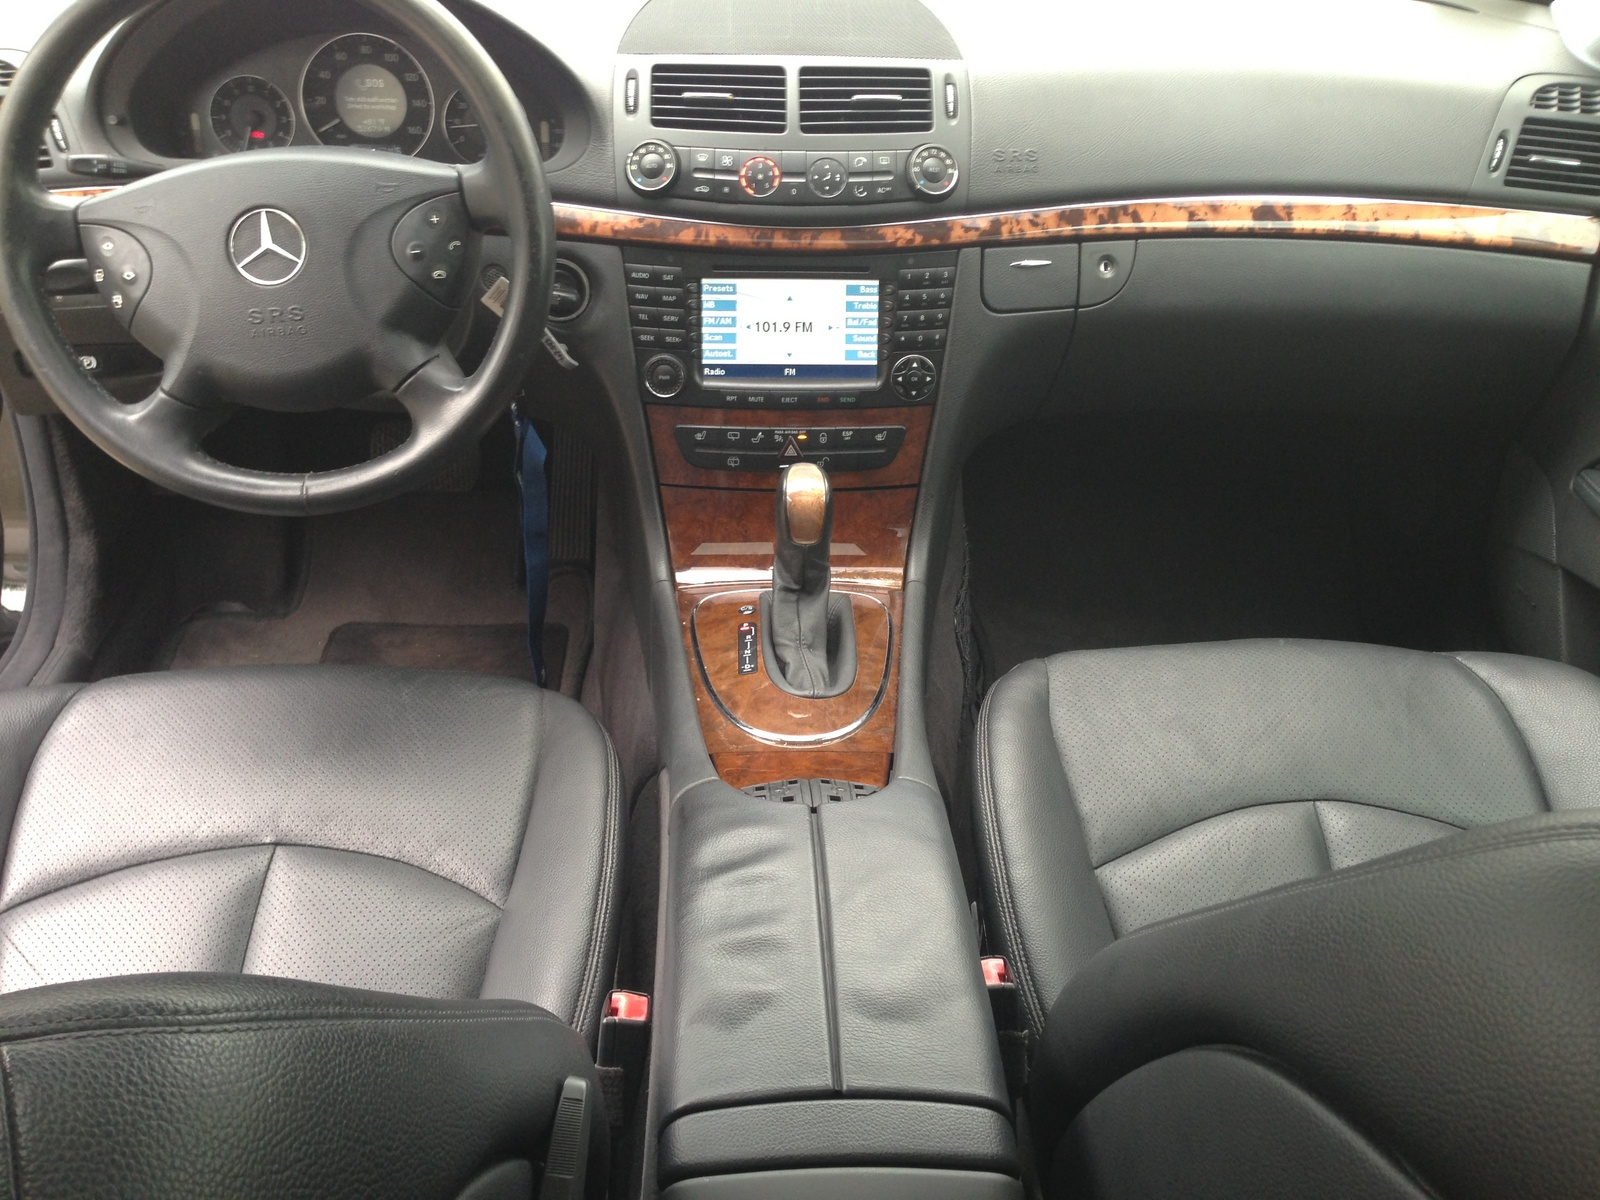 2005 mercedes benz e class pictures cargurus for Mercedes benz e class interior